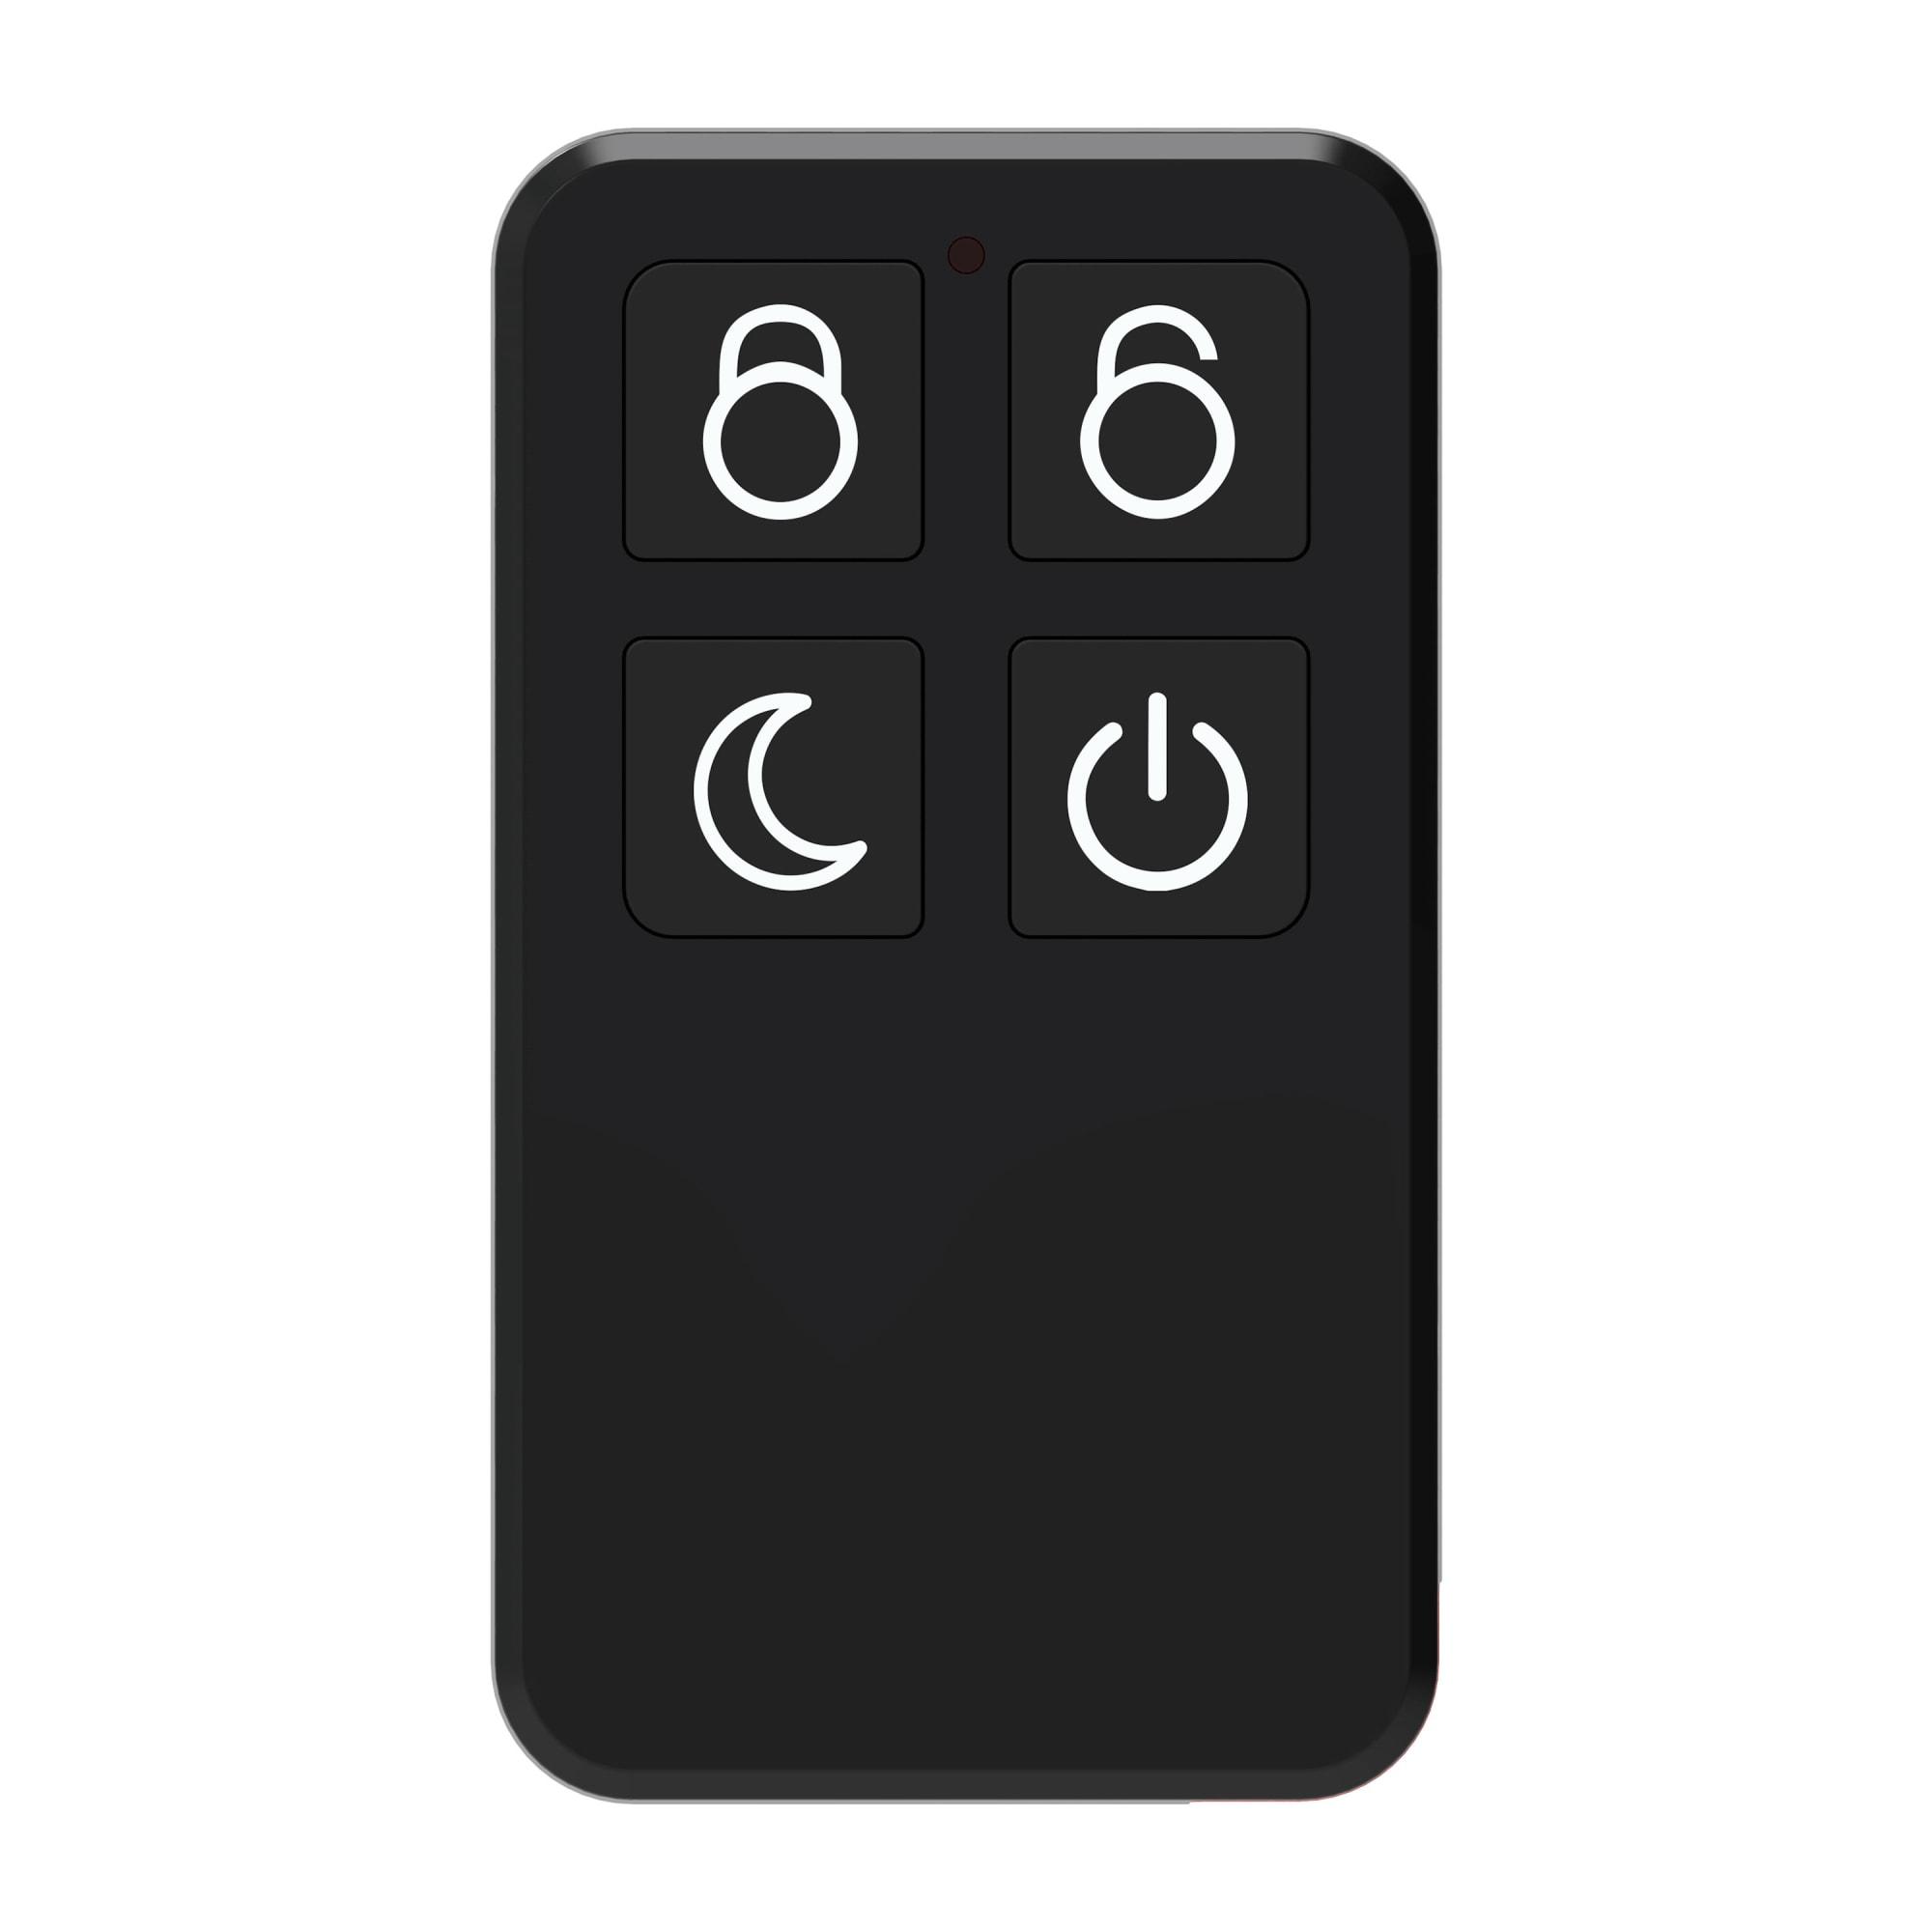 Så du kan til- eller frakoble din alarm på afstand